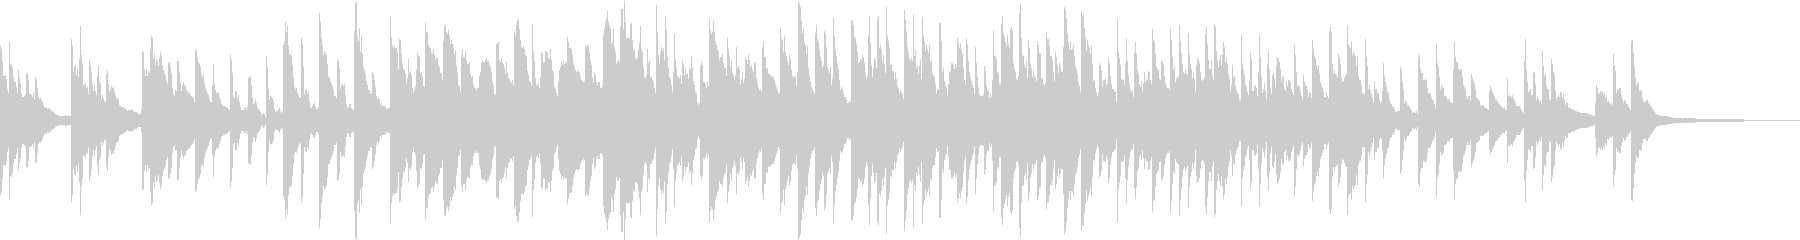 儚げで温もりのあるピアノアンビエント の未再生の波形